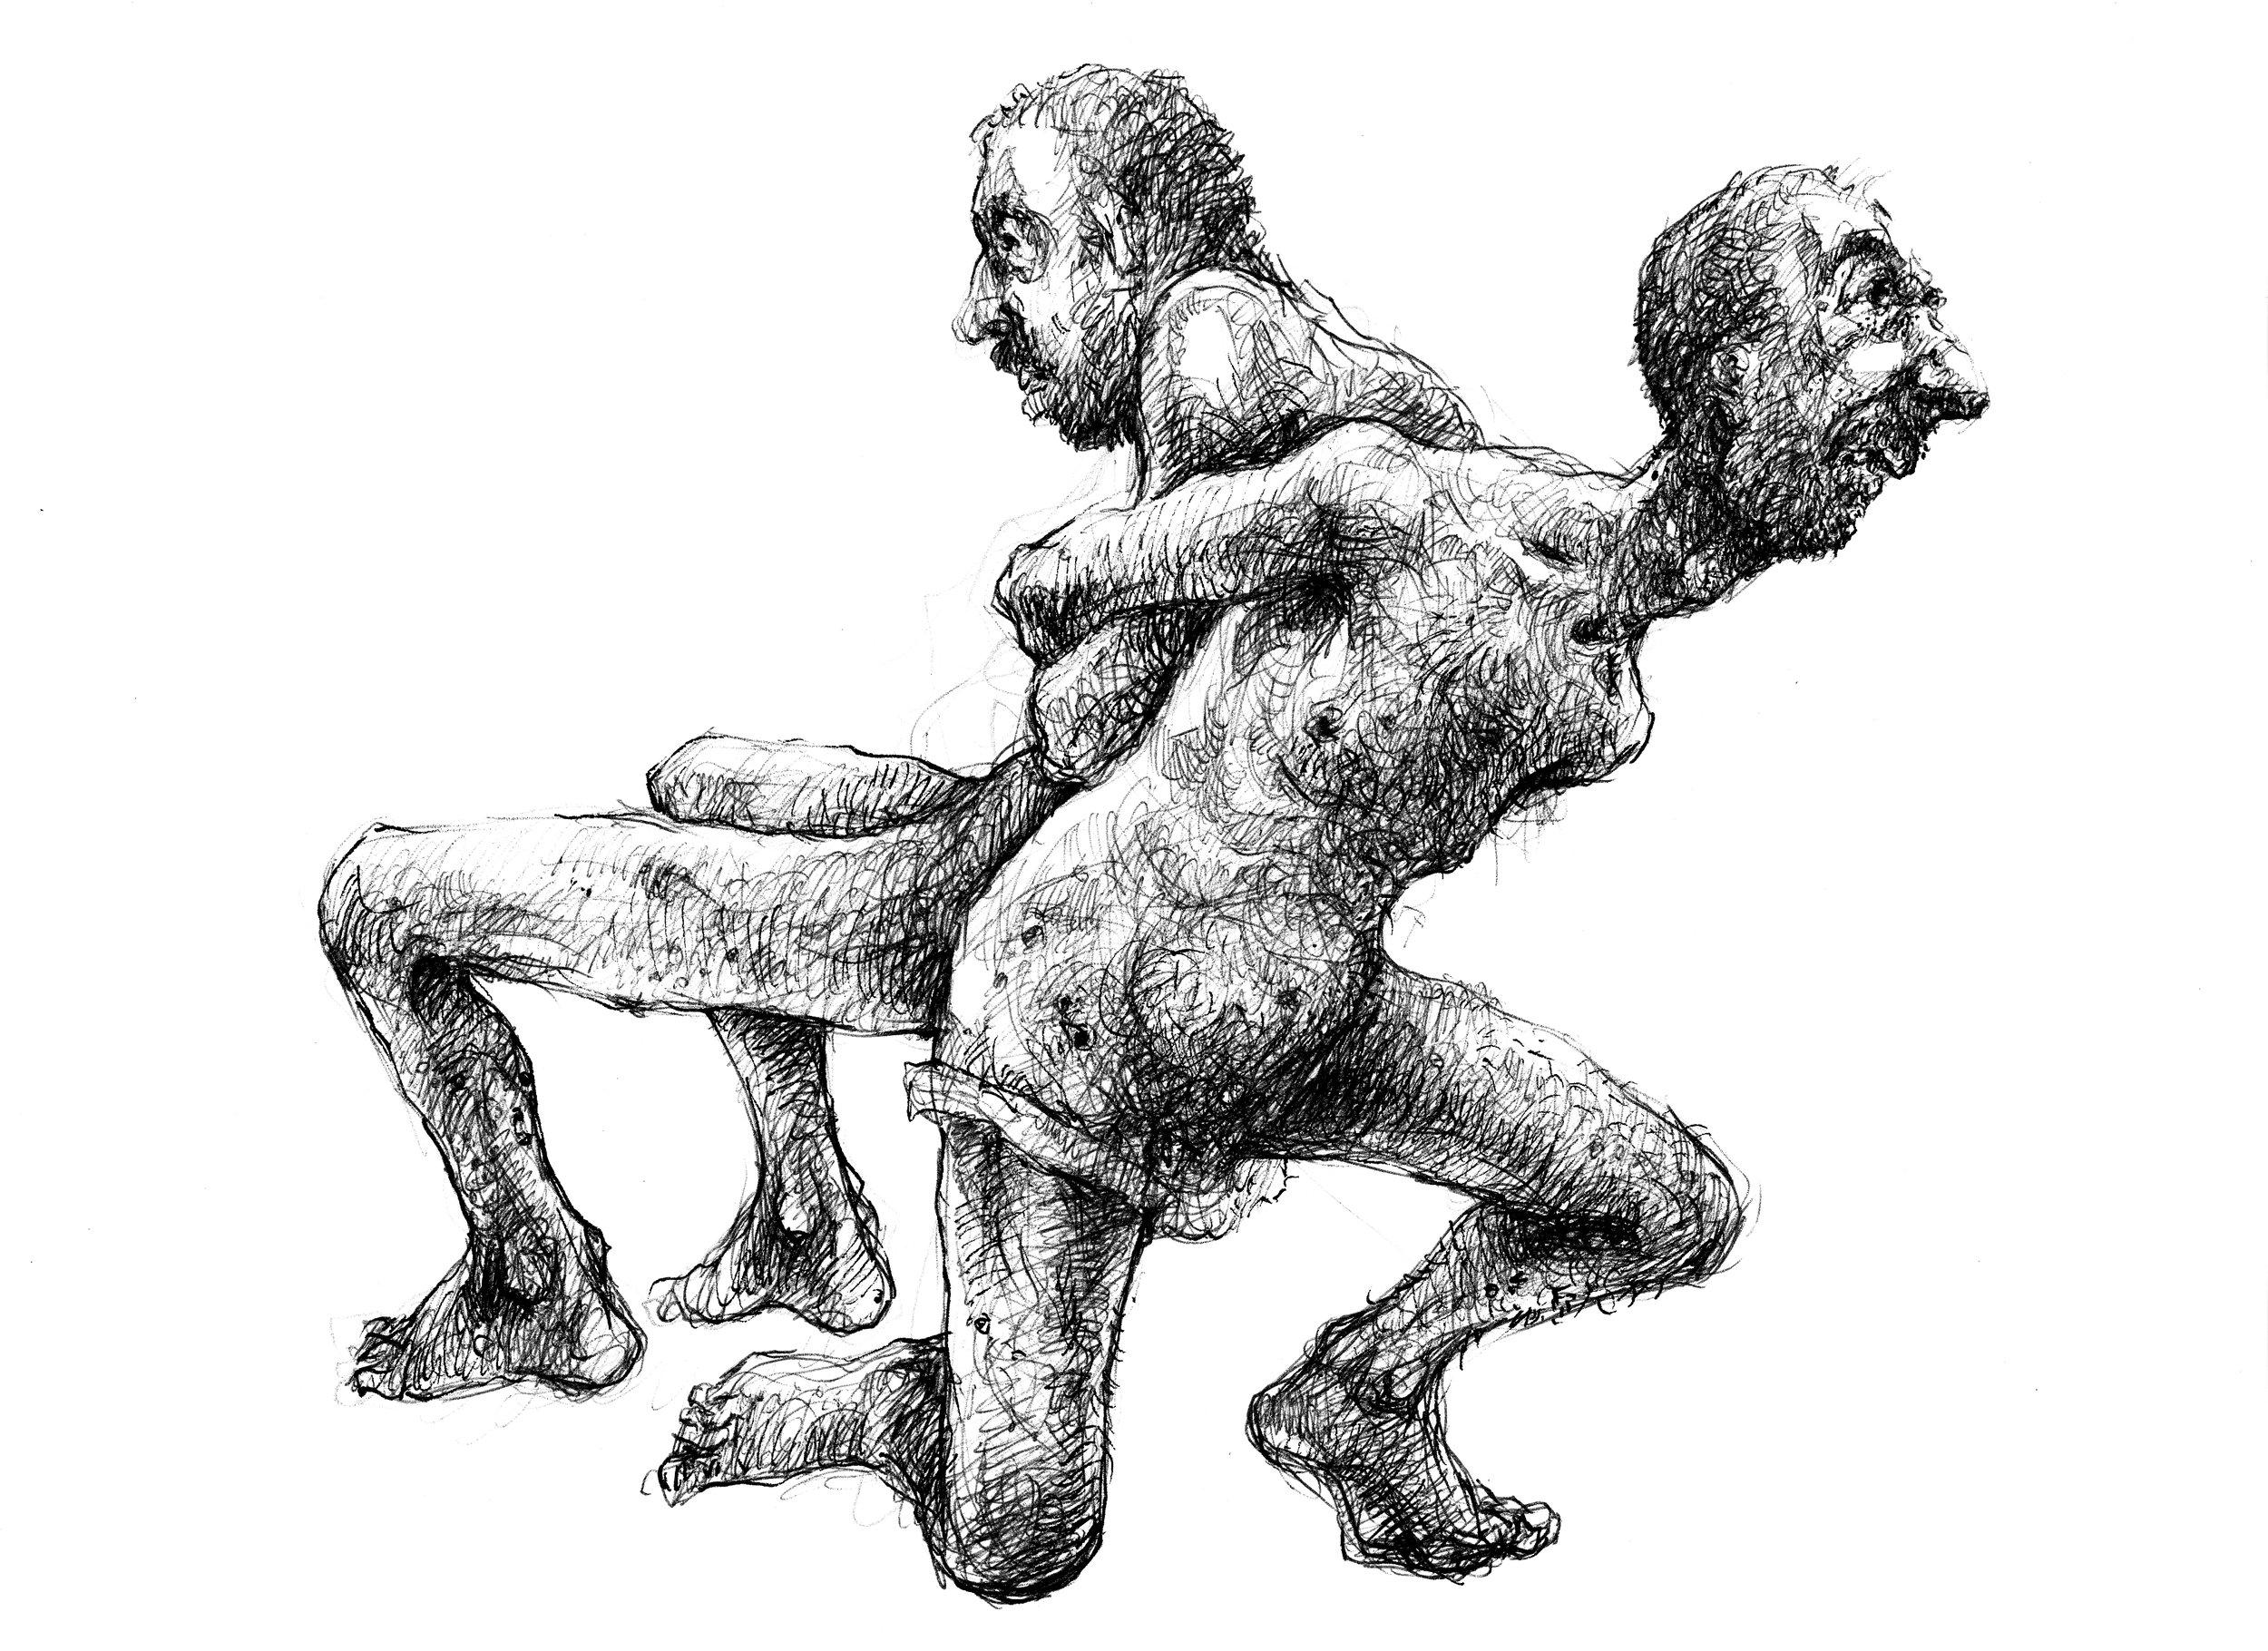 Fastbundna i varandra. - Två fångar är ihopbundna rygg mot rygg när de ska överföras till ett annat förhörscenter.